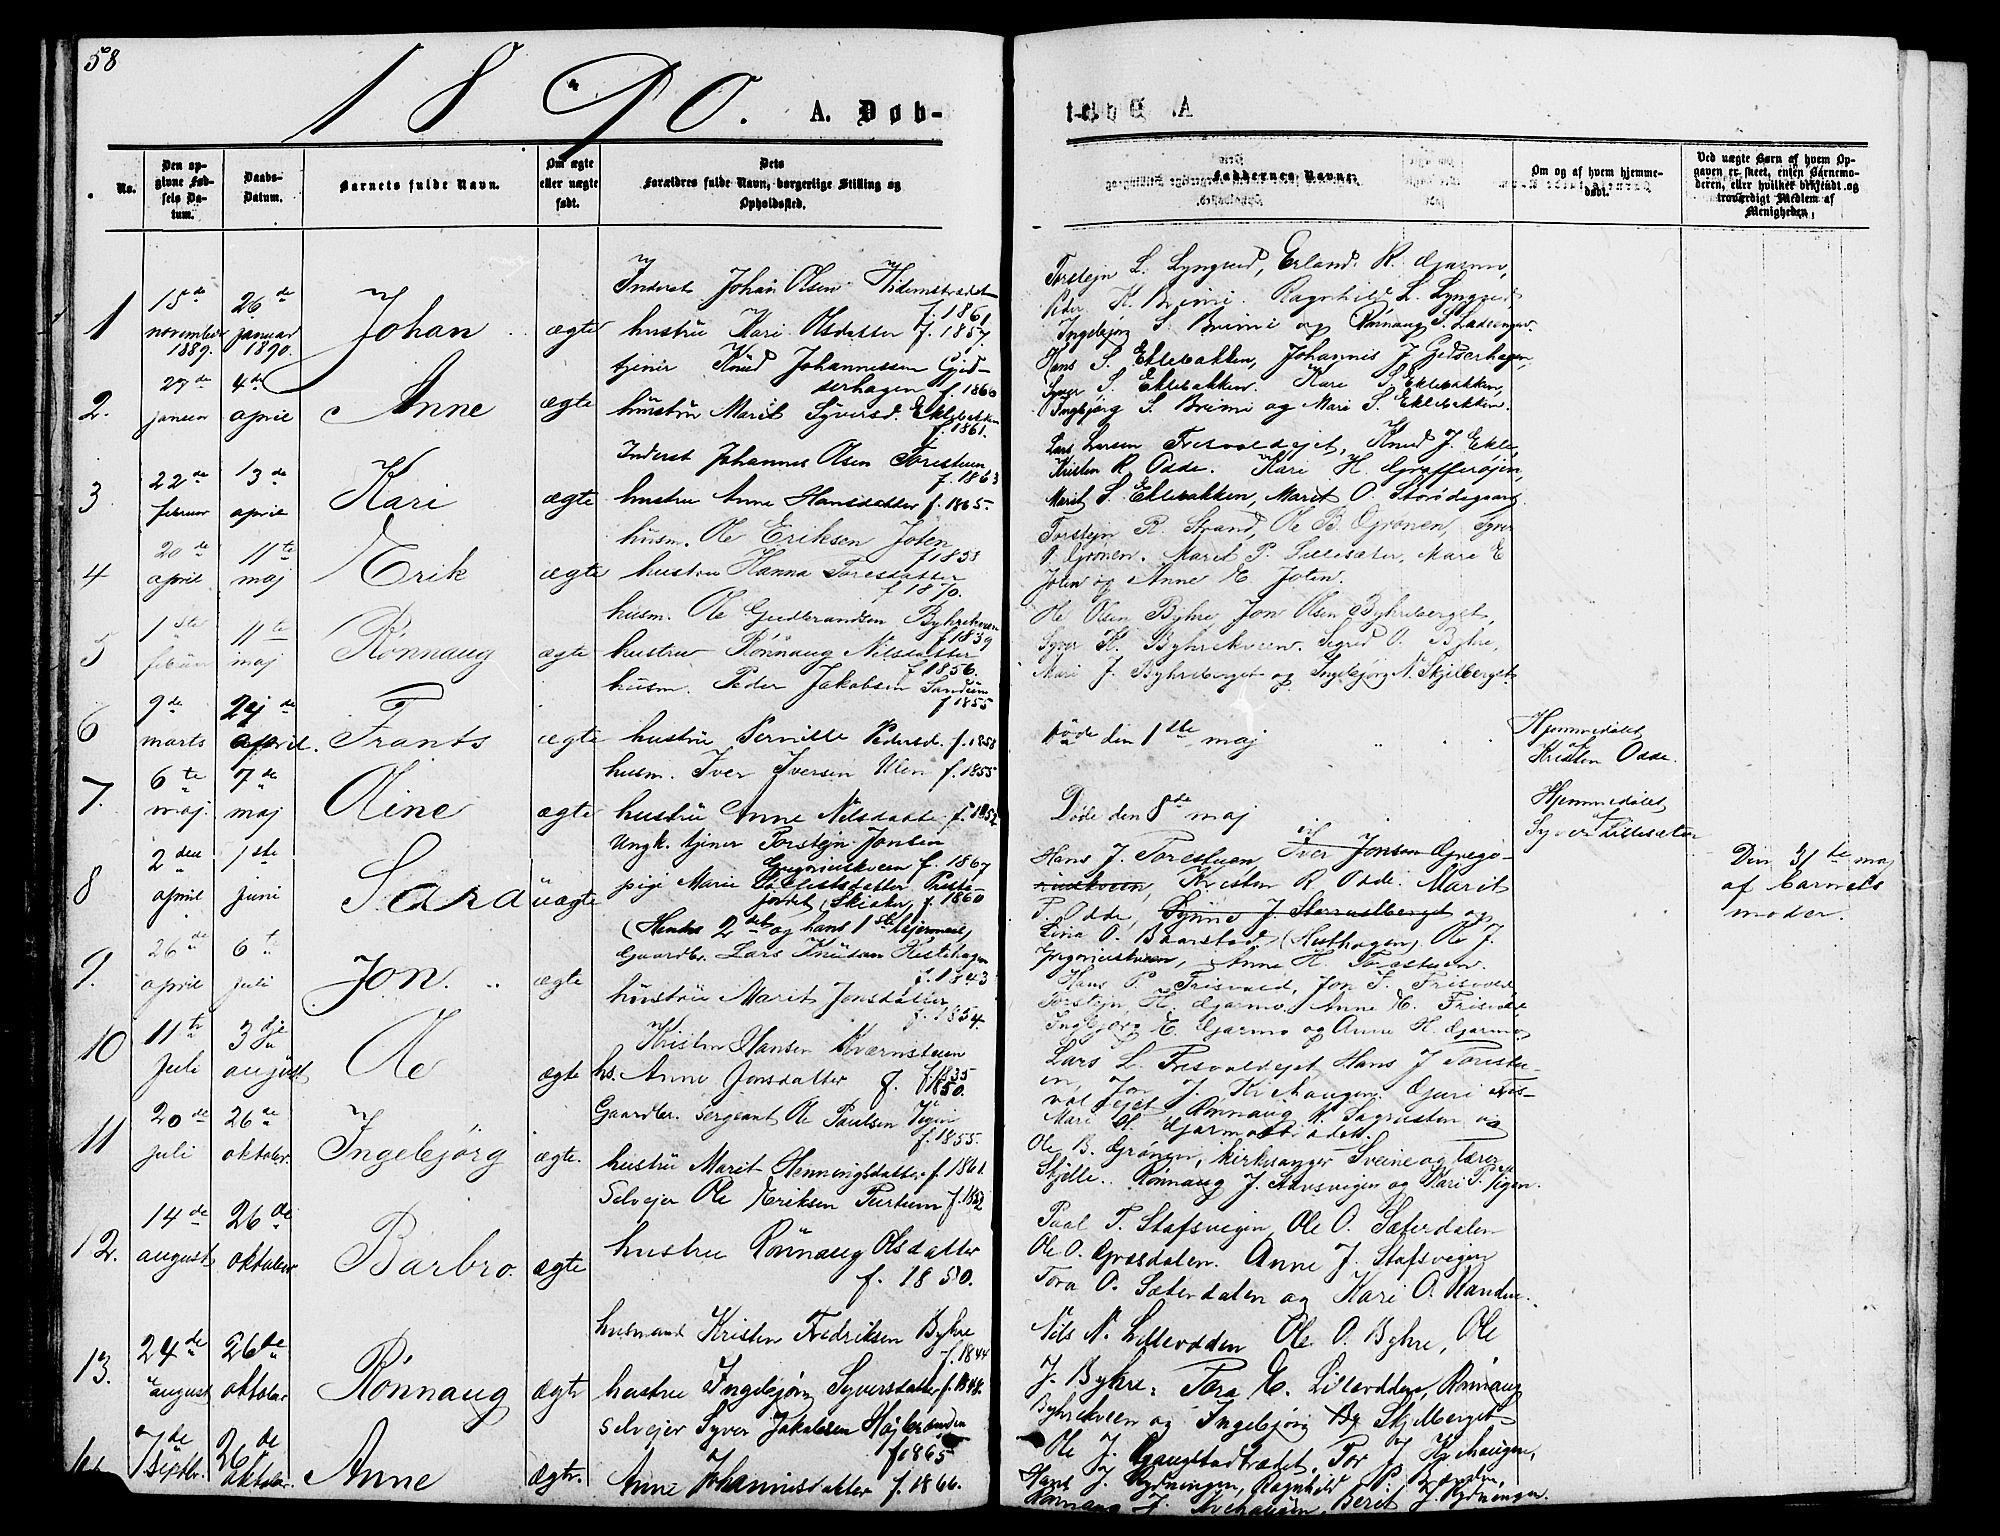 SAH, Lom prestekontor, L/L0005: Klokkerbok nr. 5, 1876-1901, s. 58-59